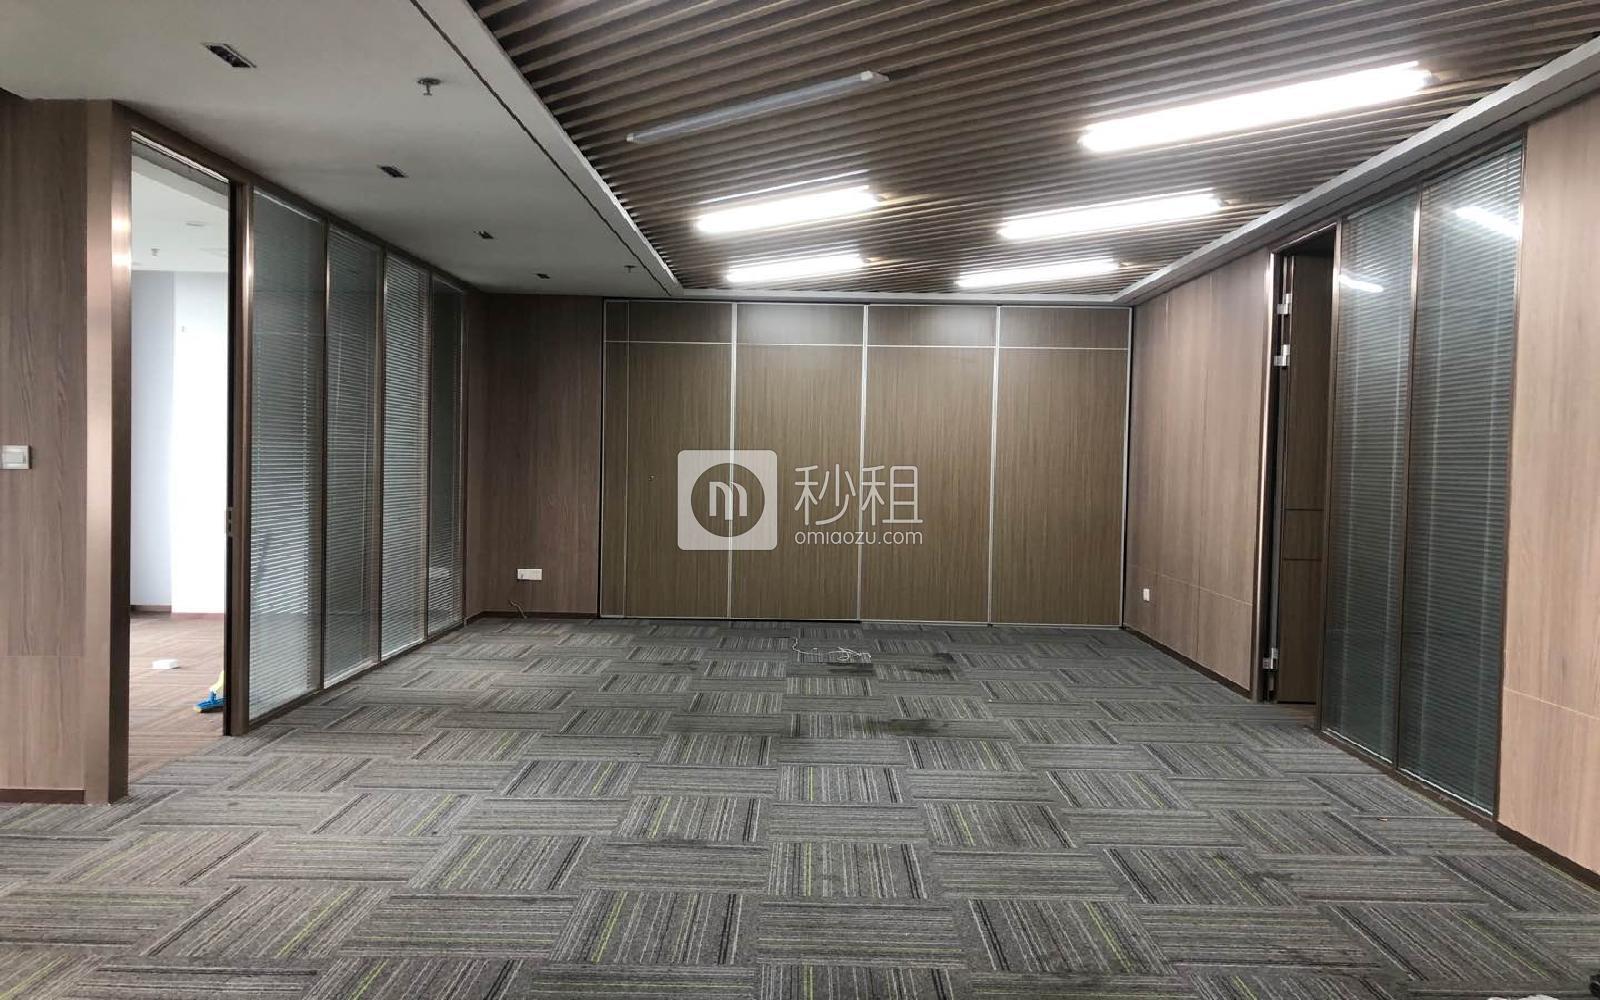 宝安-宝安中心区 前海卓越时代广场 150m²